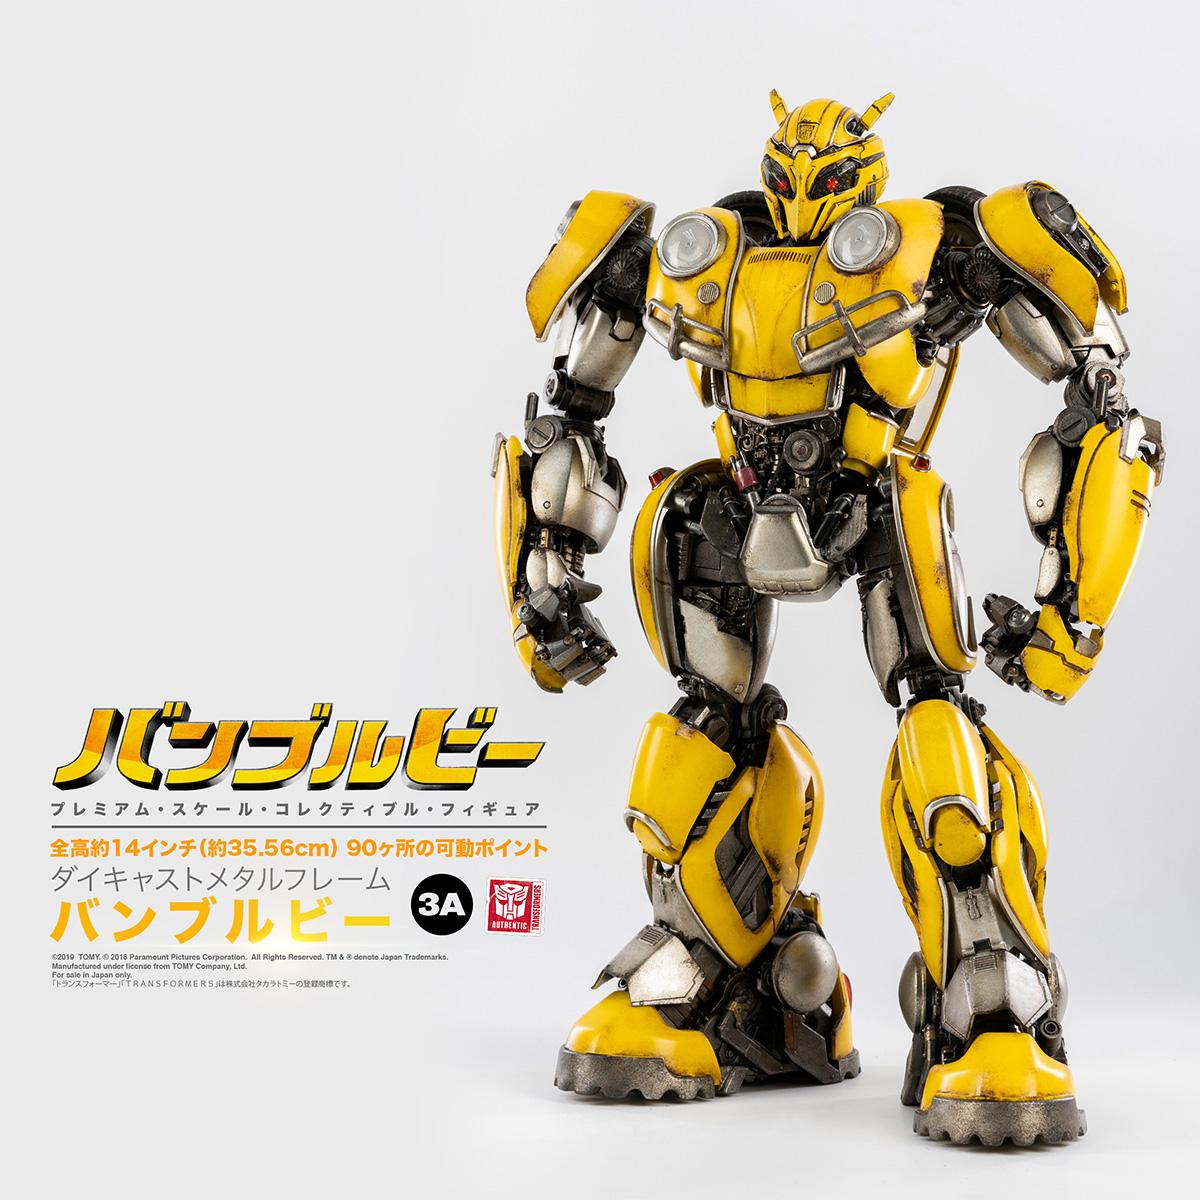 w_Bumblebee_JAP_PM_00025.jpg